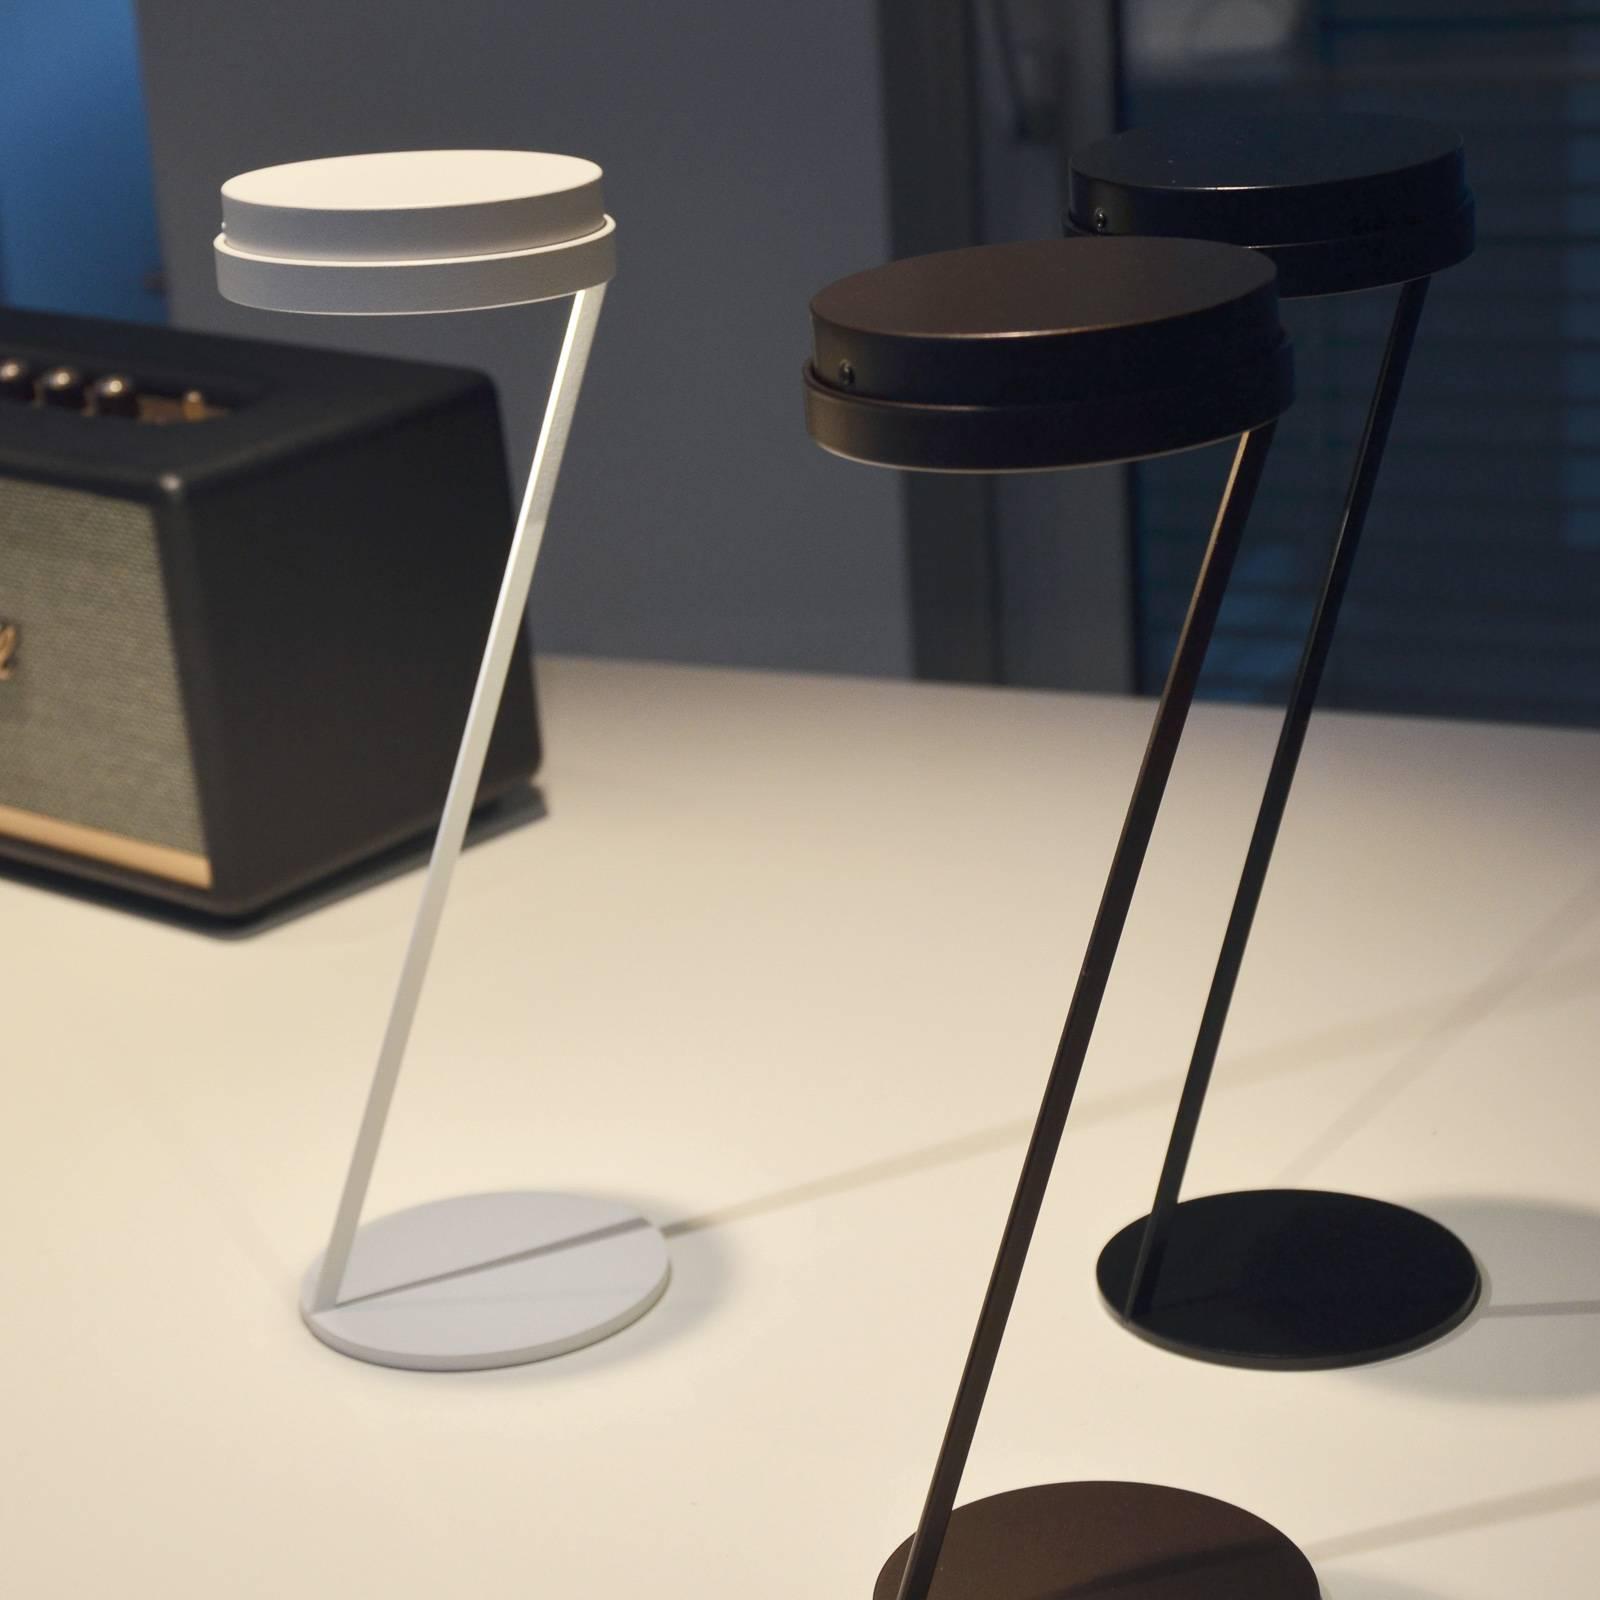 Knikerboker Zeta lampe à poser LED capteur noire